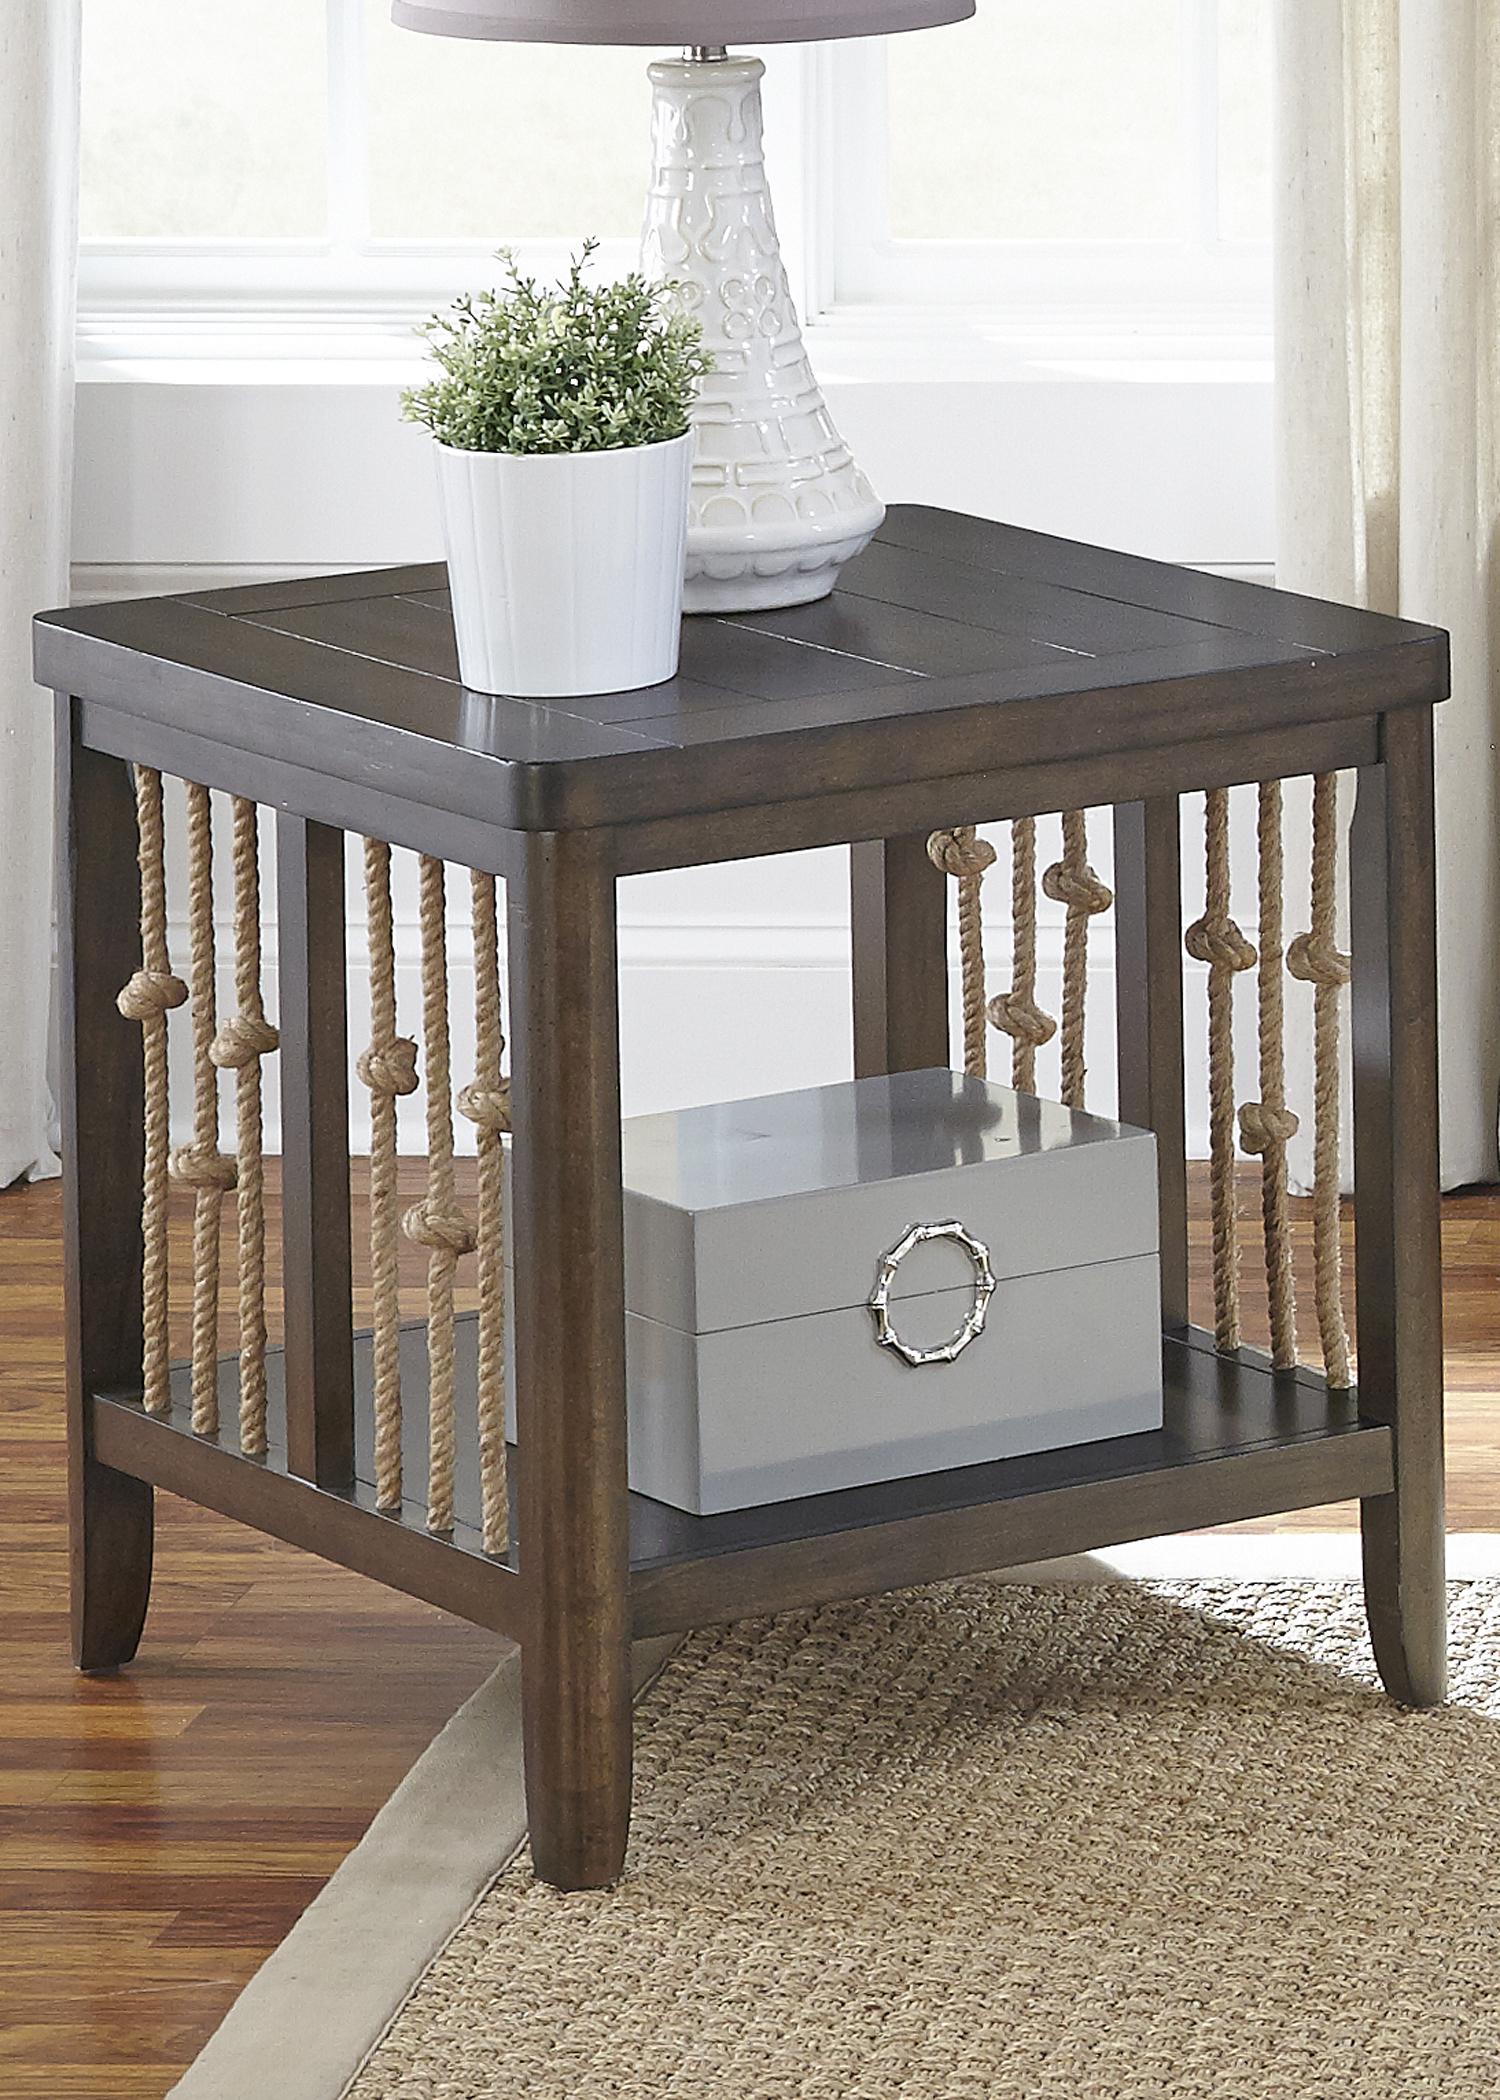 Liberty Furniture Dockside End Table                                    - Item Number: 169-OT1020